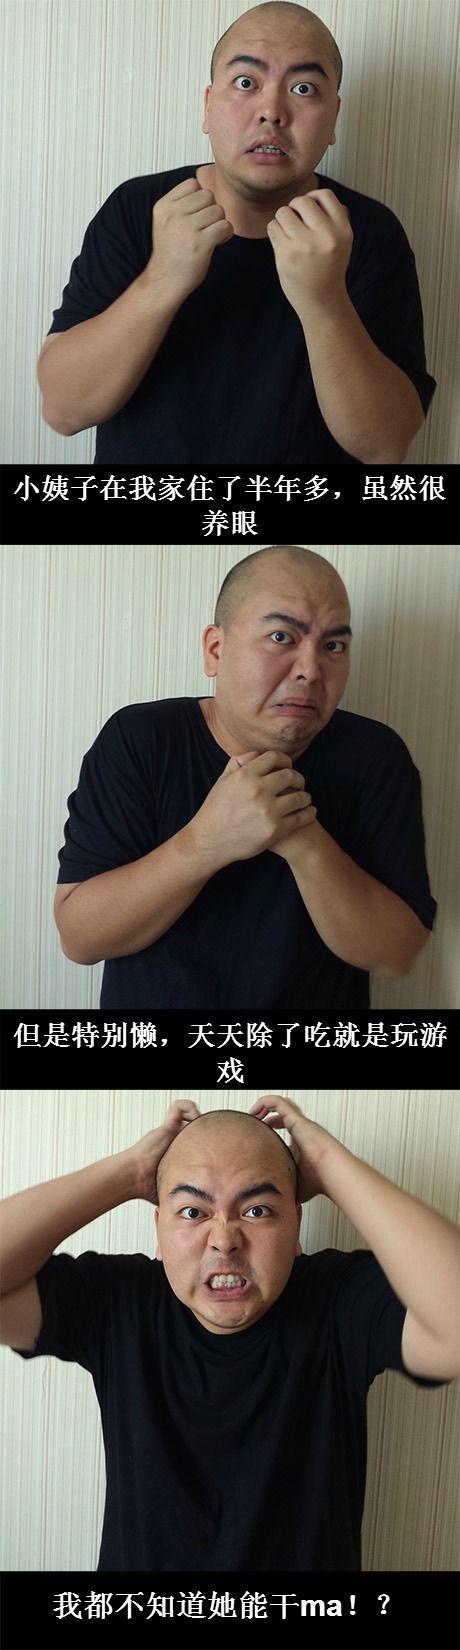 哪里能看小电影_暴走漫画:我要看小电影洗刷耻辱 (24)